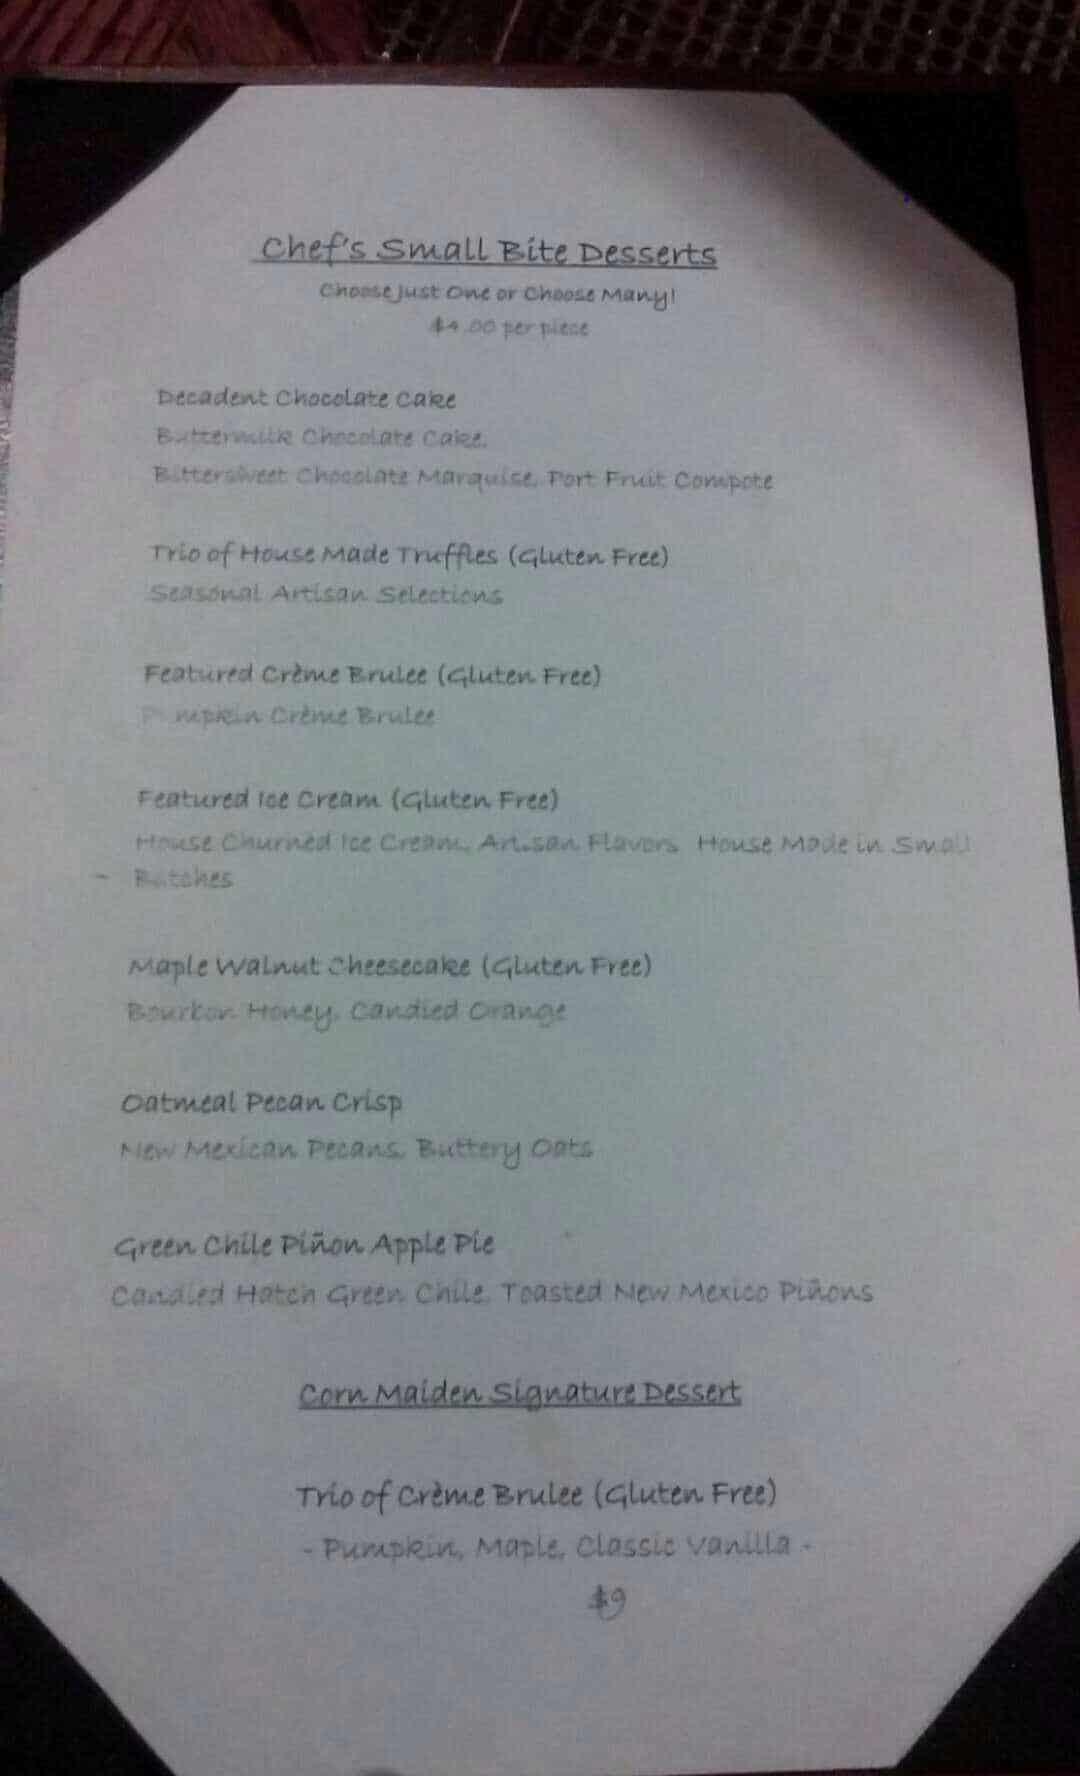 corn maiden dessert menu